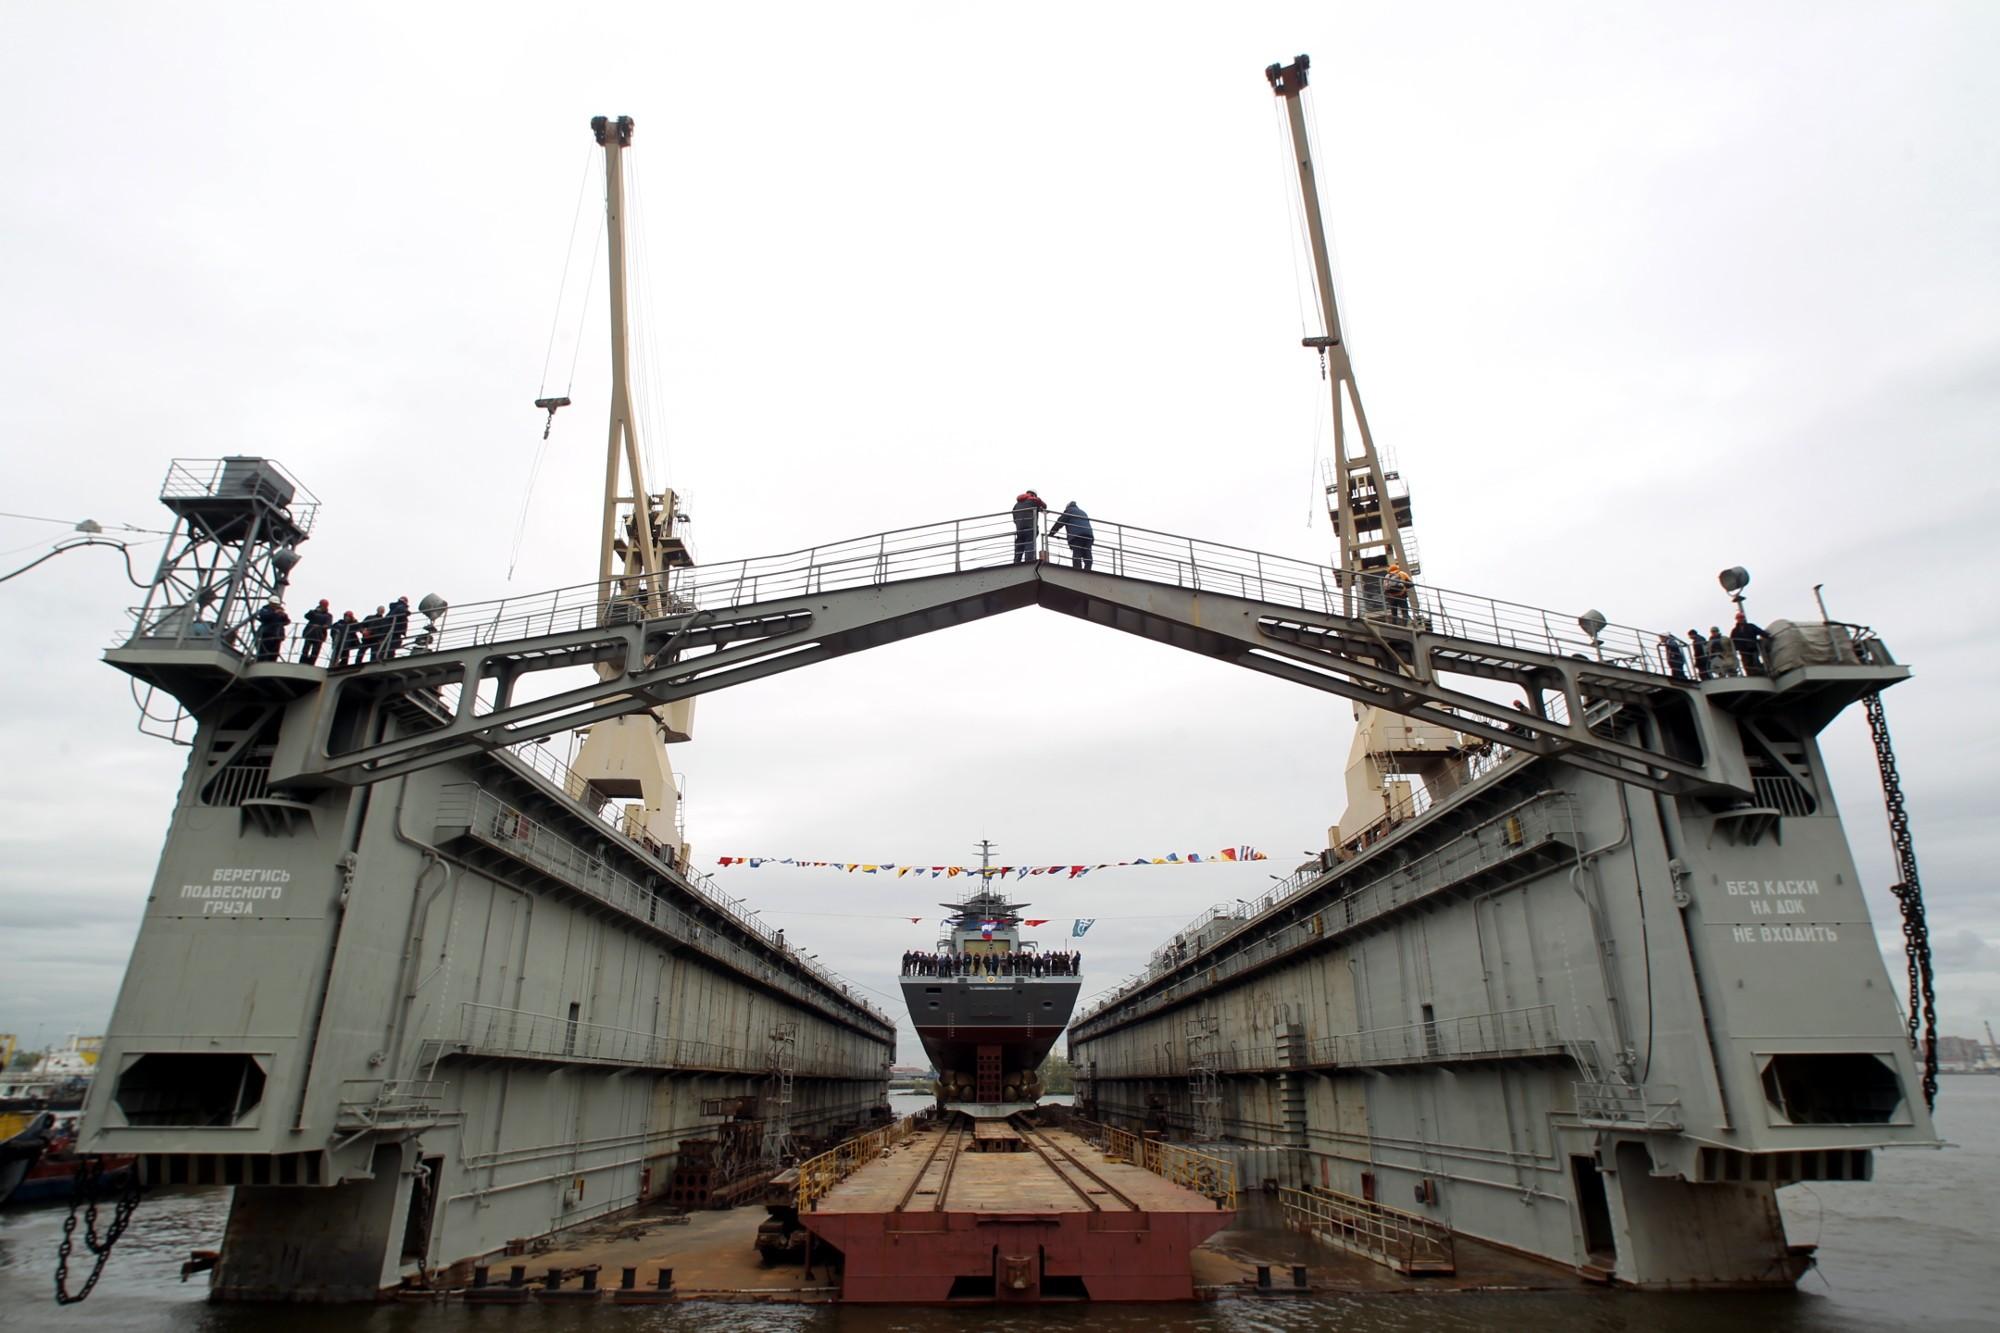 корвет Гремящий боевой корабль судостроительный завод Северная верфь судостроение кораблестроение